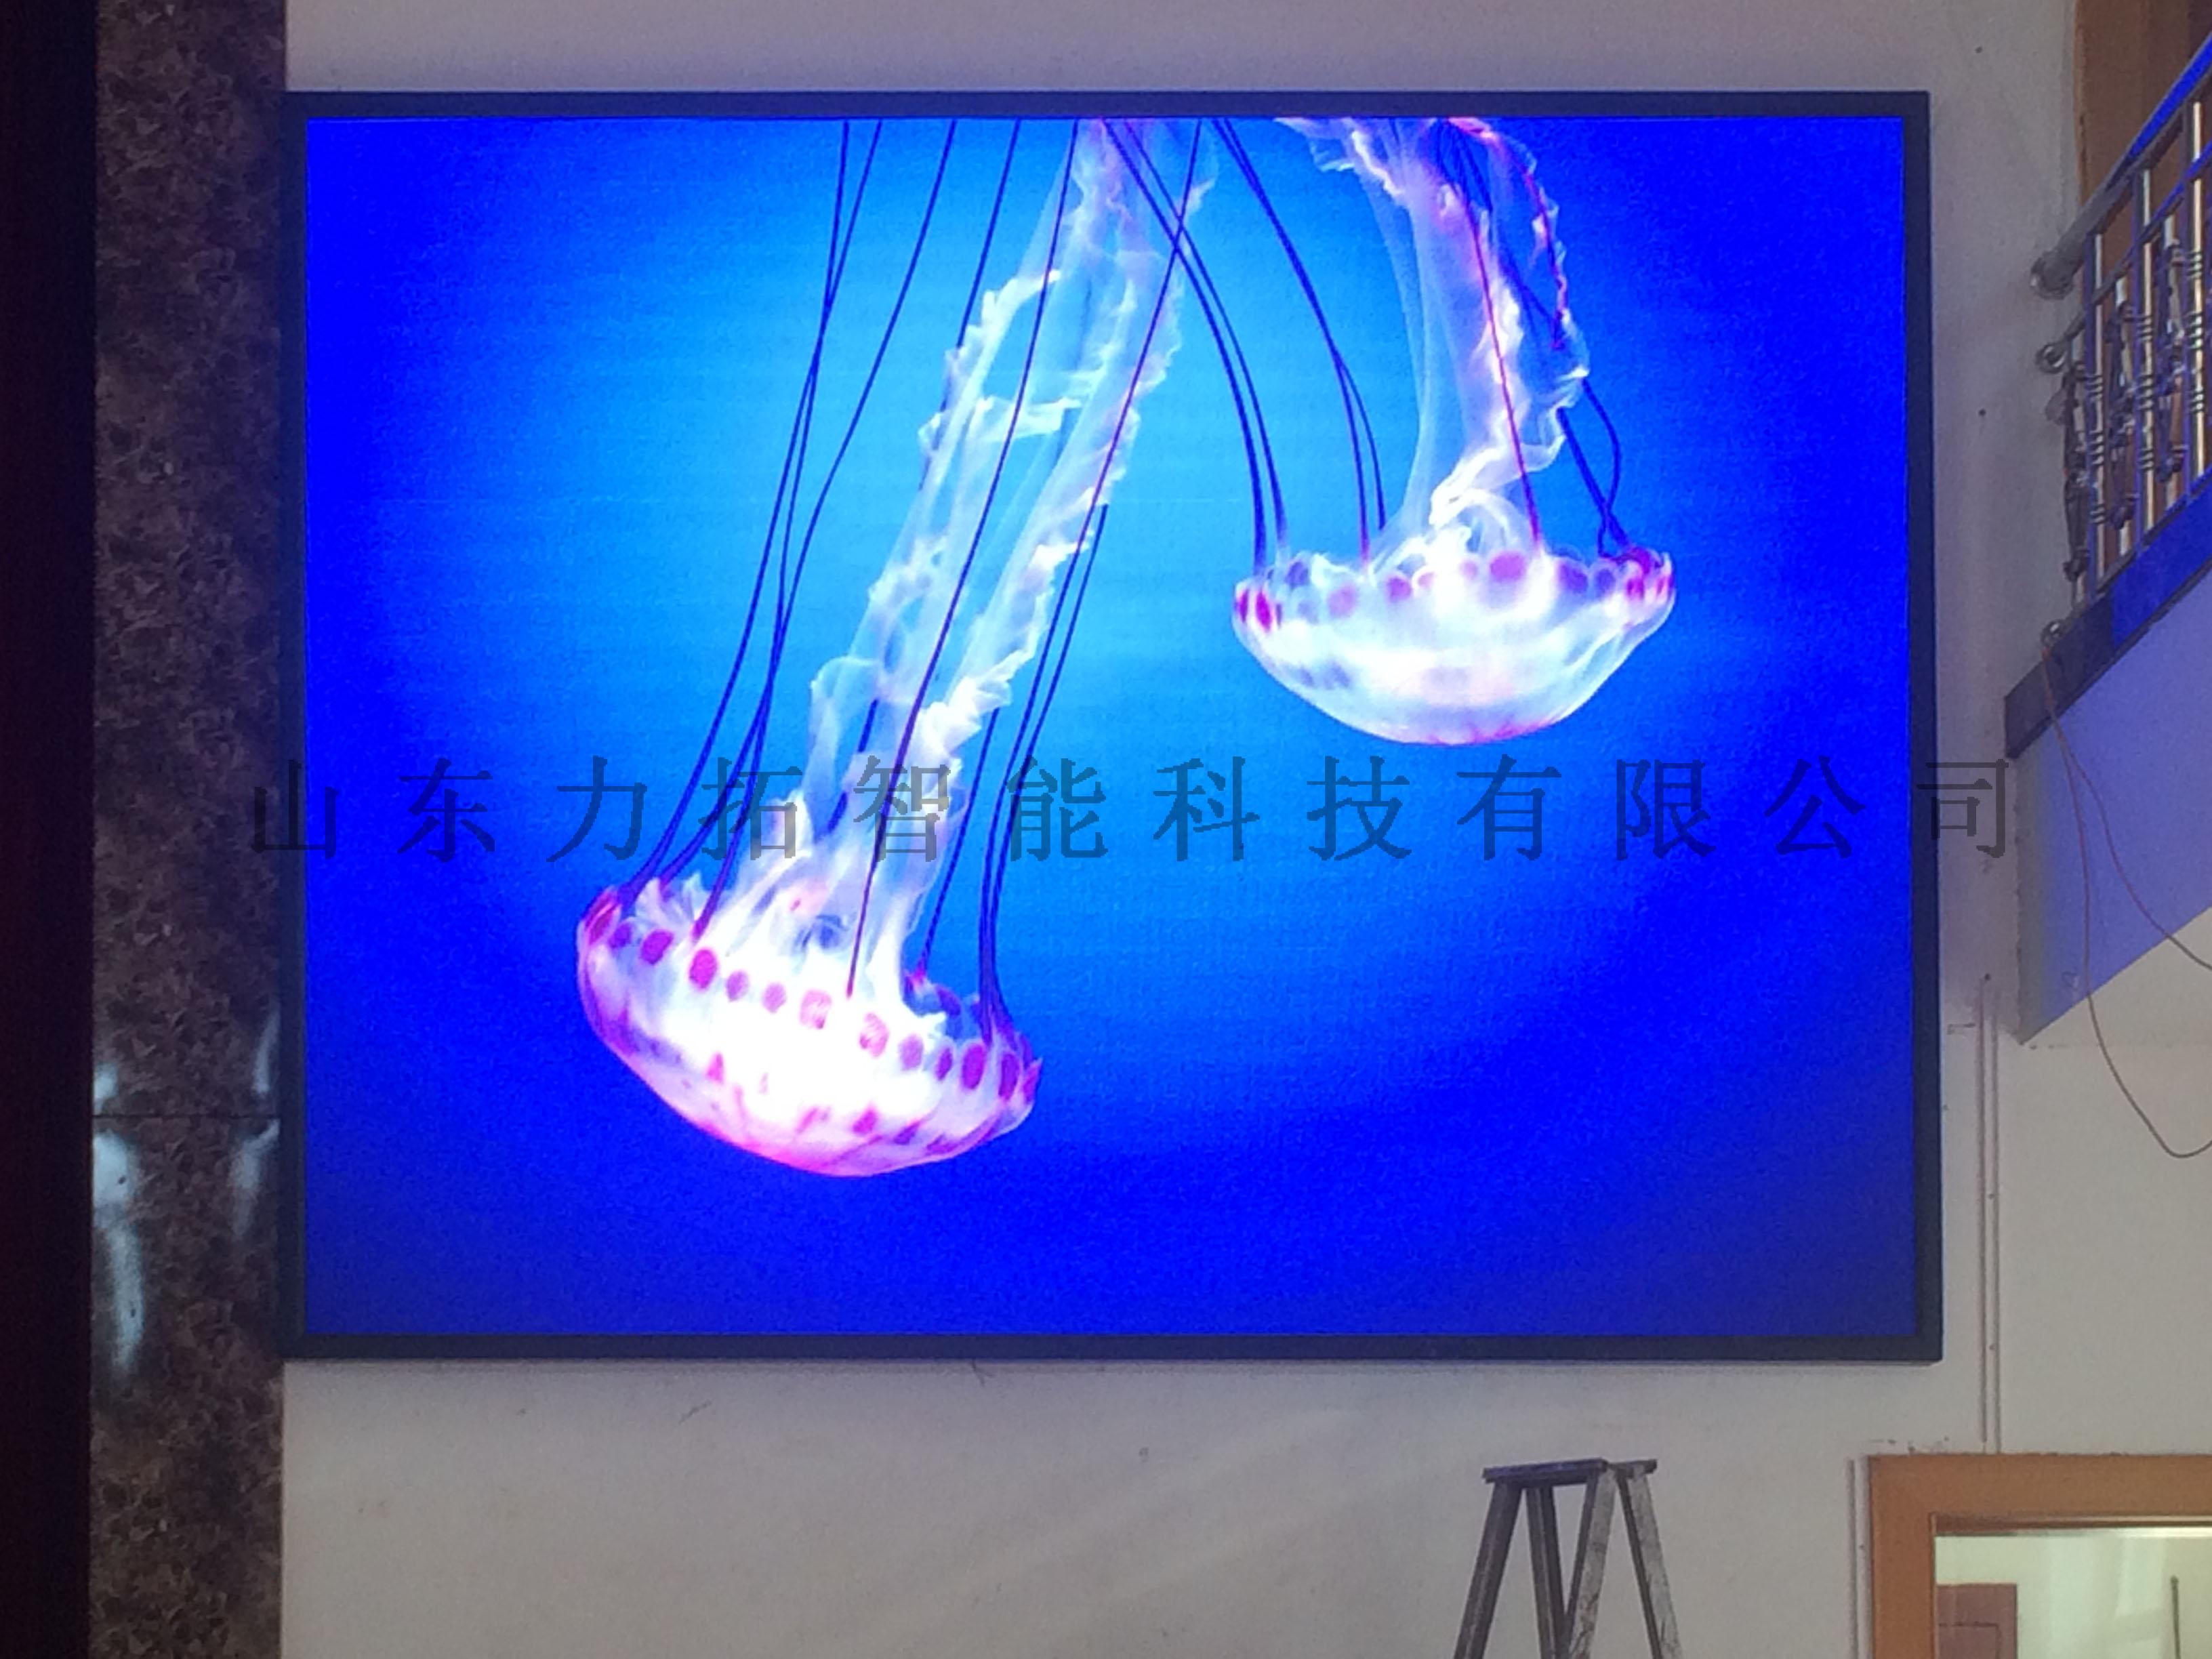 山东神学院LED全彩显示屏工程